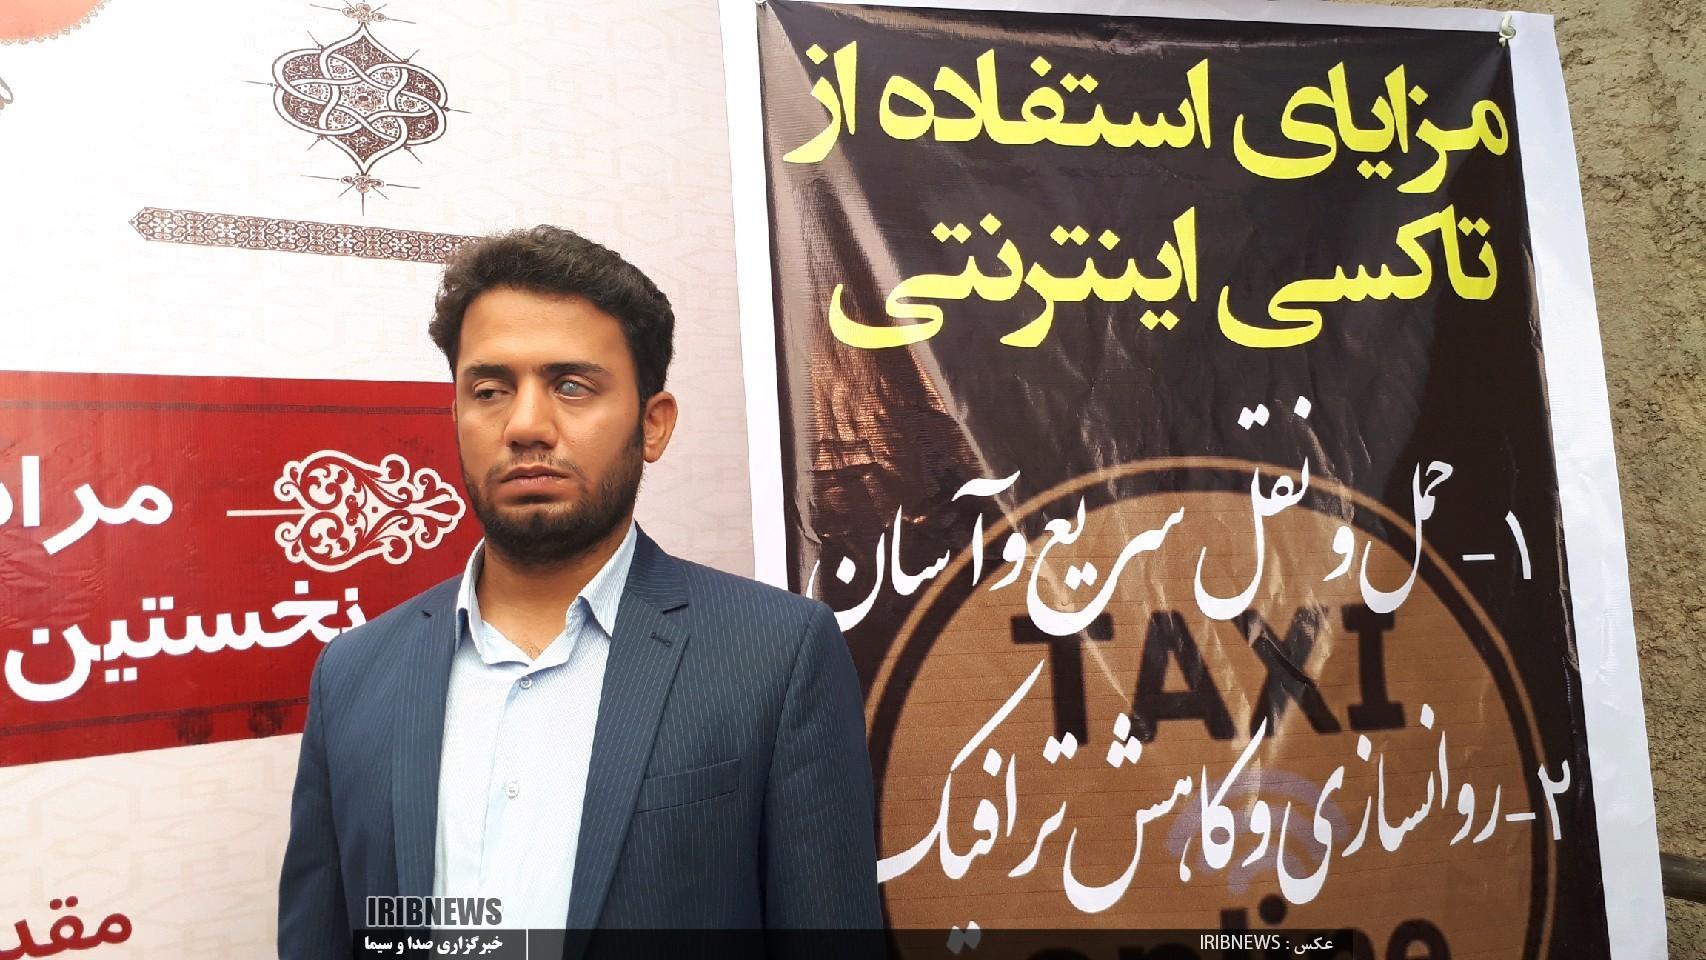 راه اندازی تاکسی اینترنتی با تلاش یک روشندل در سیرجان